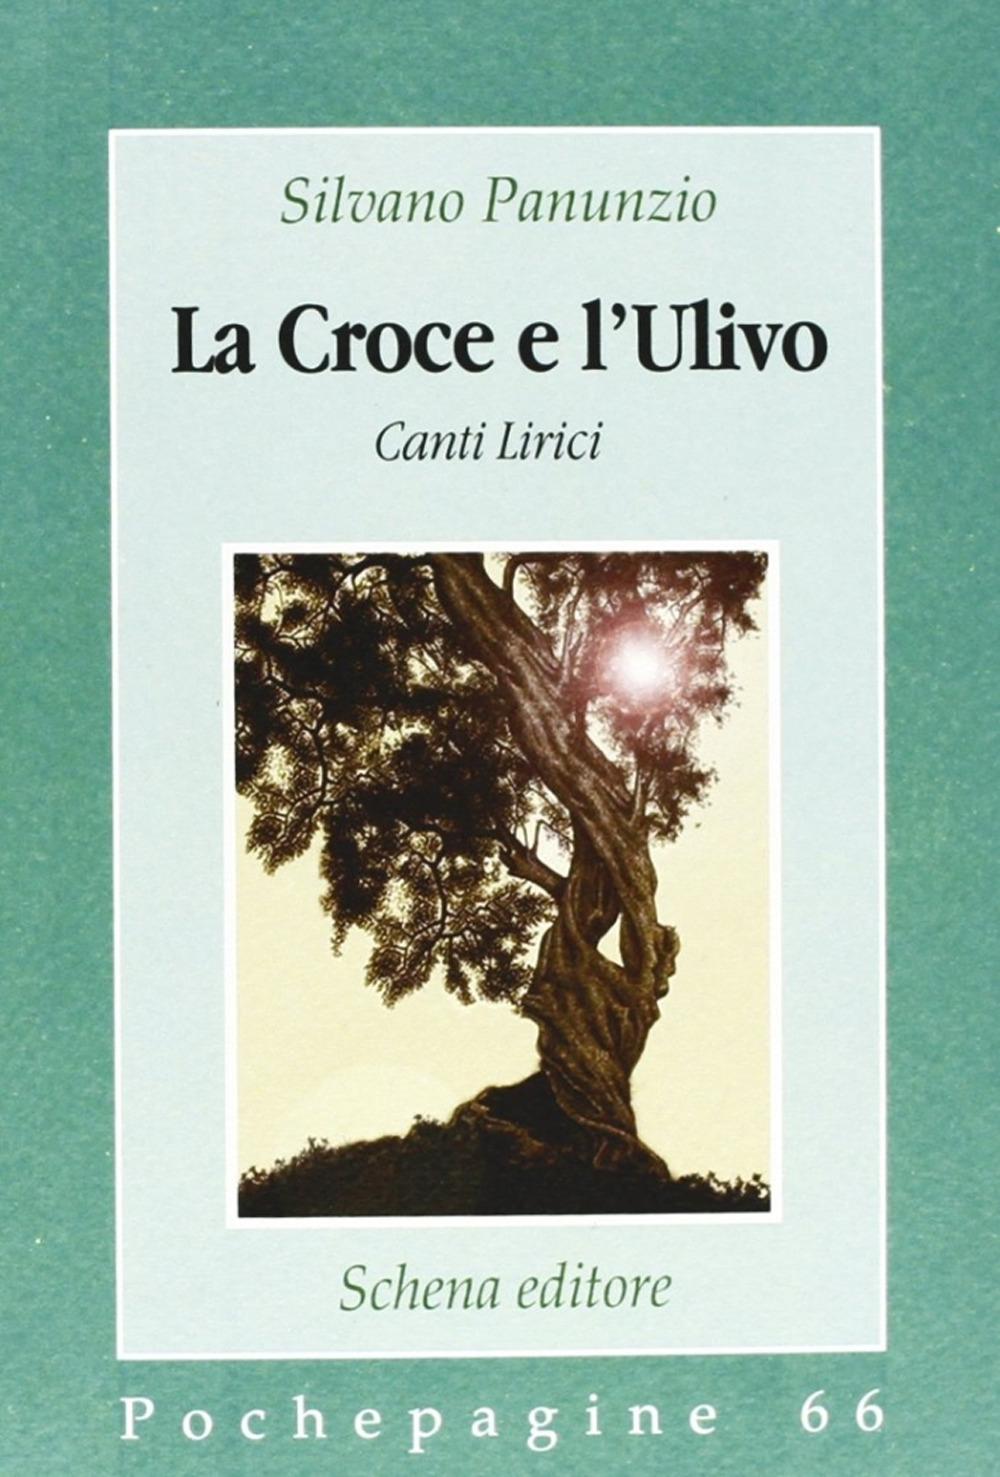 La croce e l'ulivo